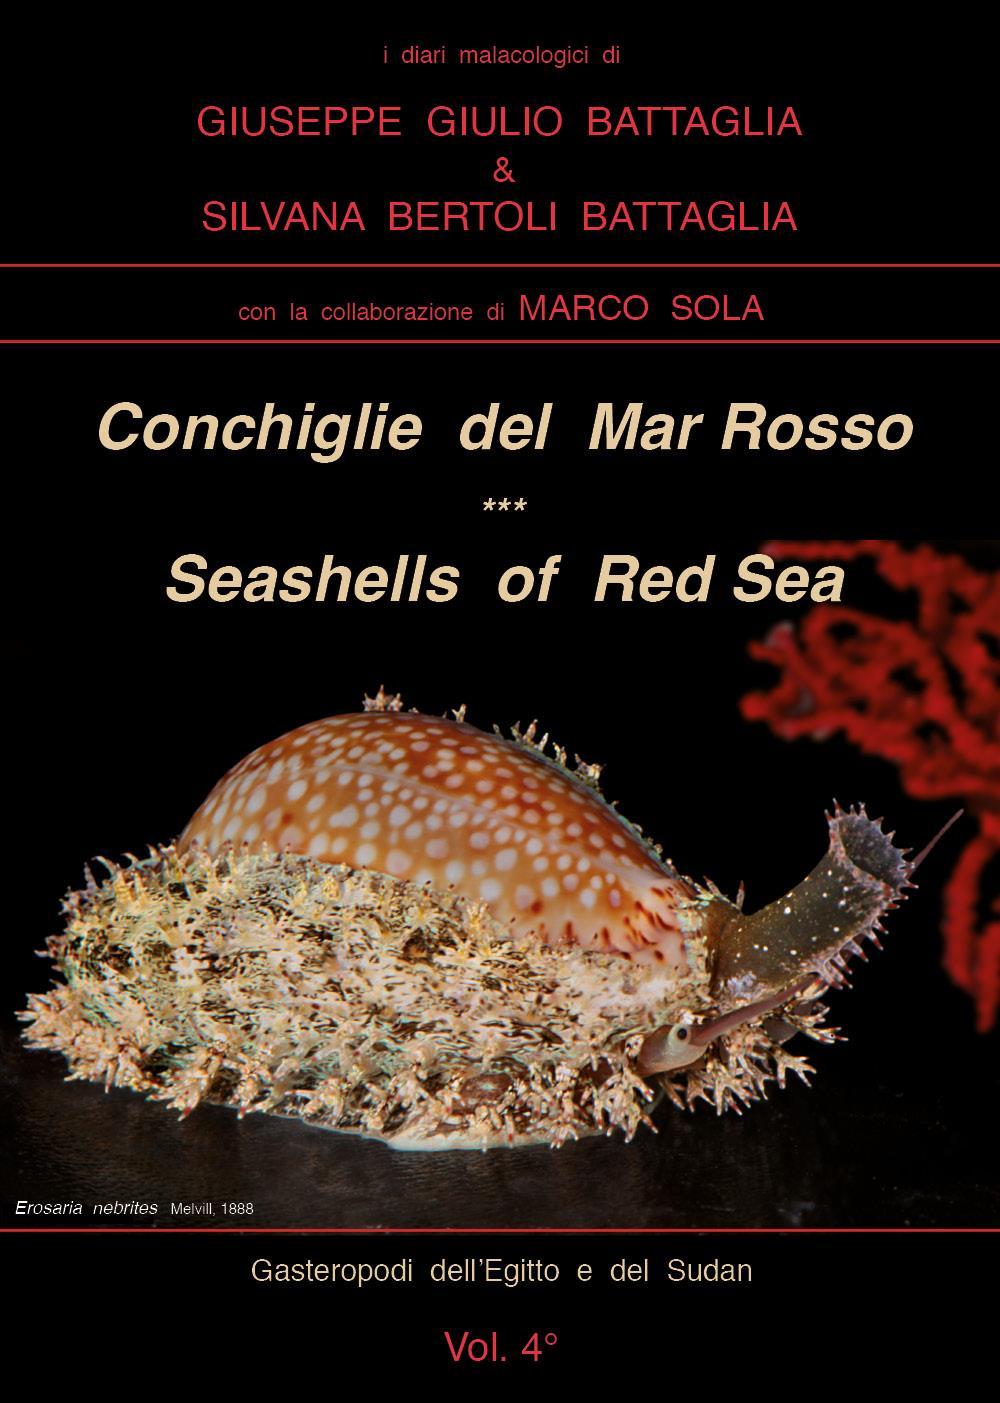 Conchiglie del Mar Rosso - Red Sea's Seashelles